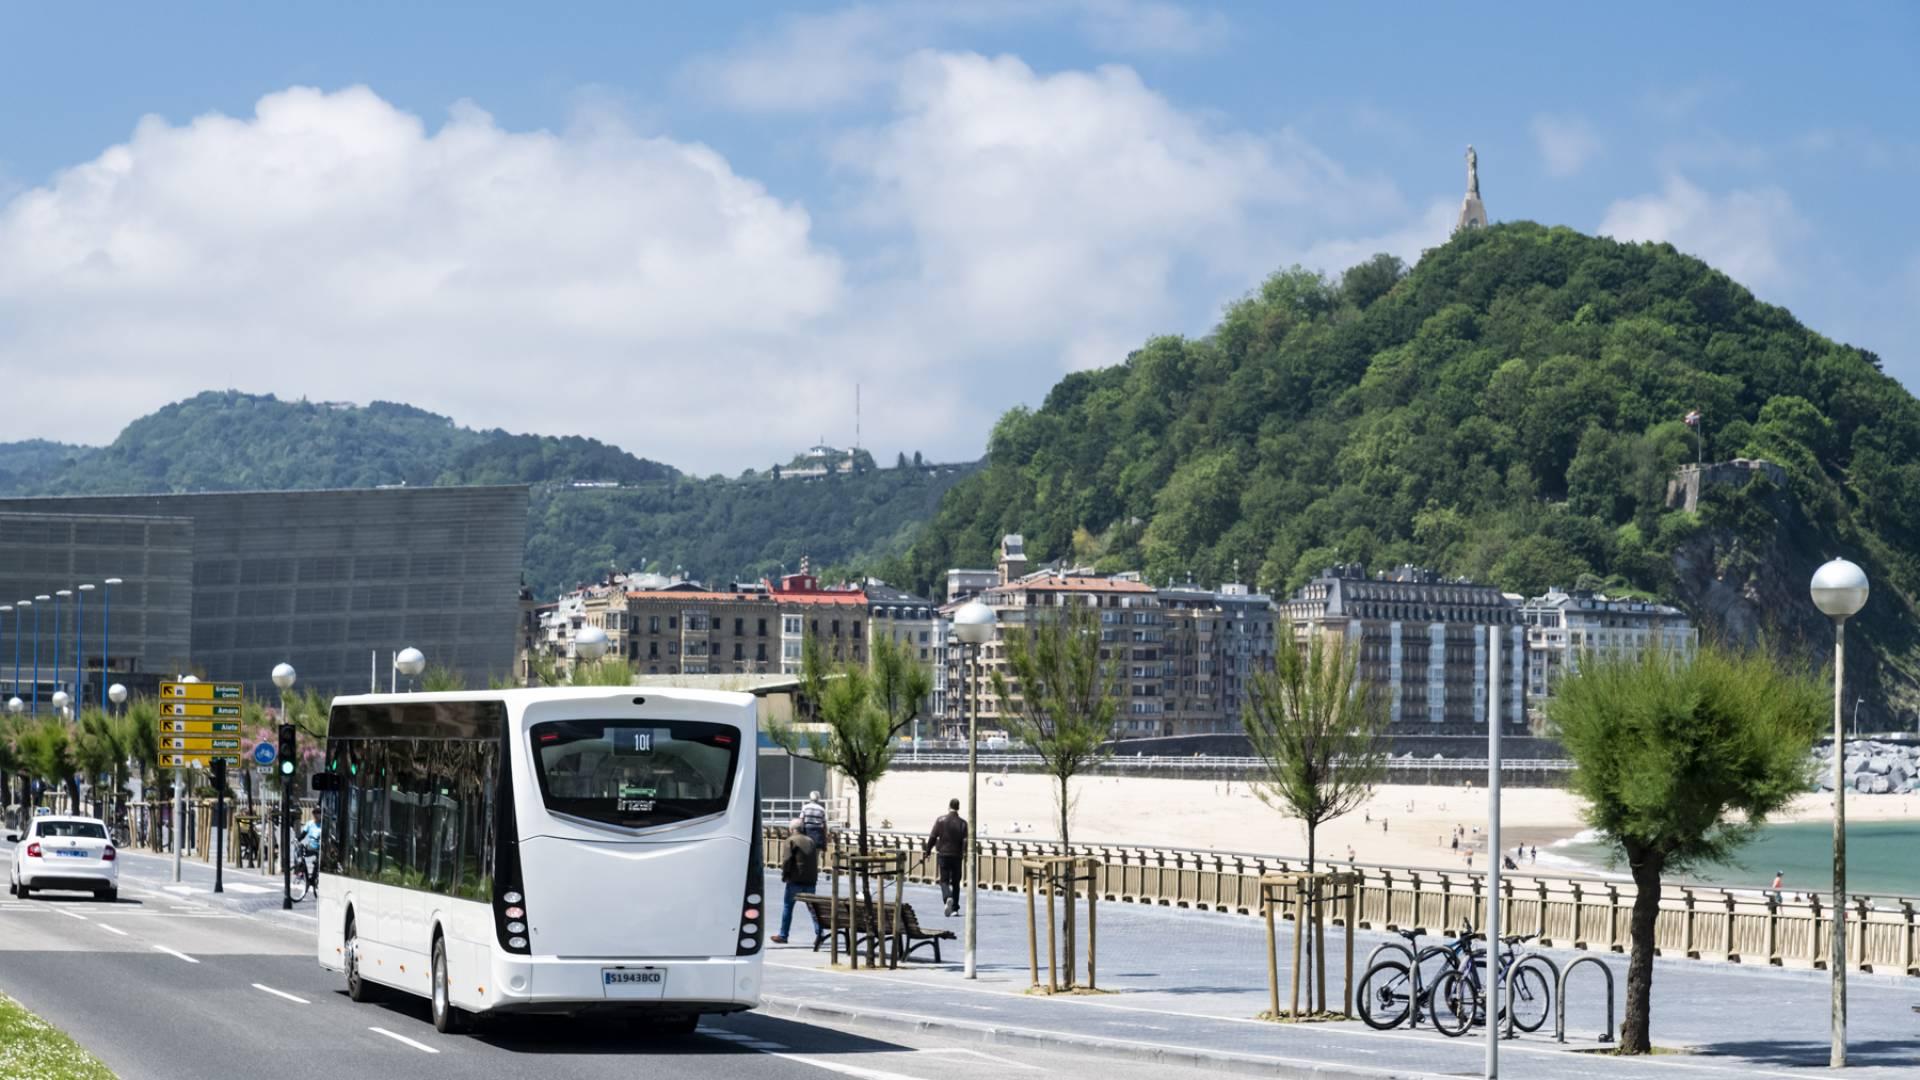 Bulgaria, el próximo destino de 44 autobuses cero emisiones de Irizar